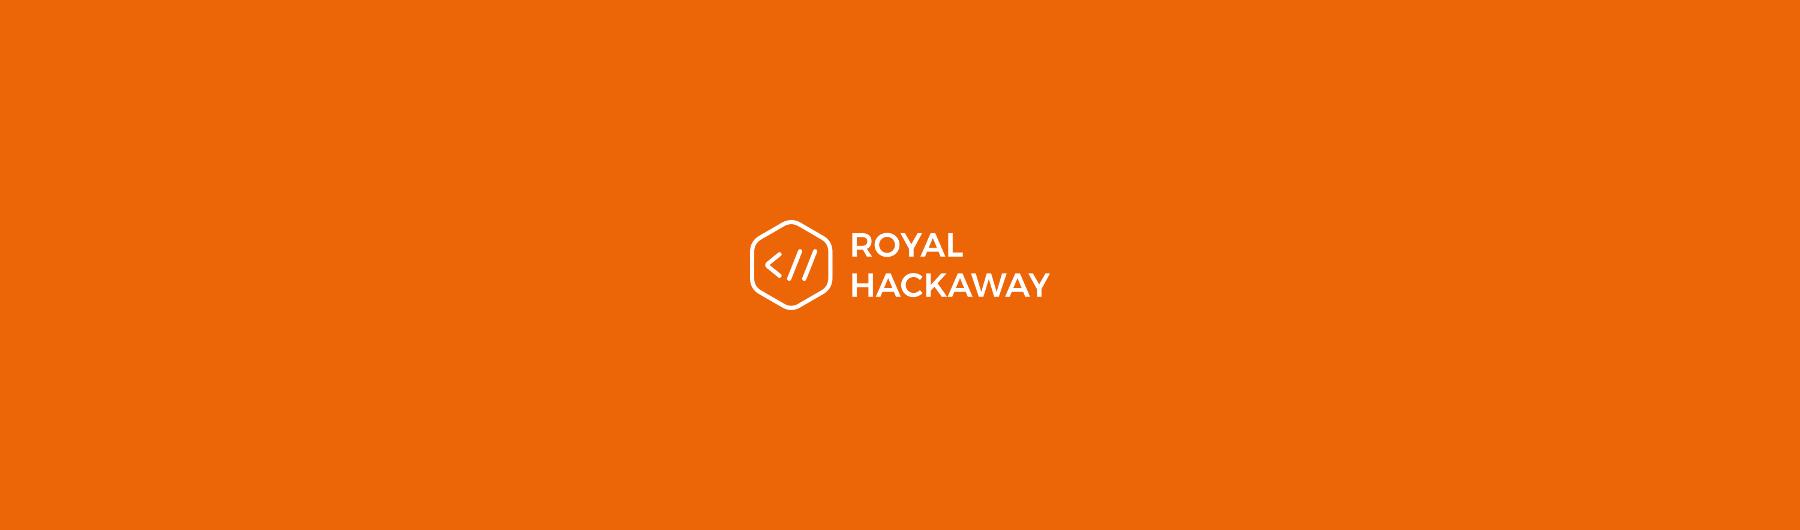 Royal Hackaway v2